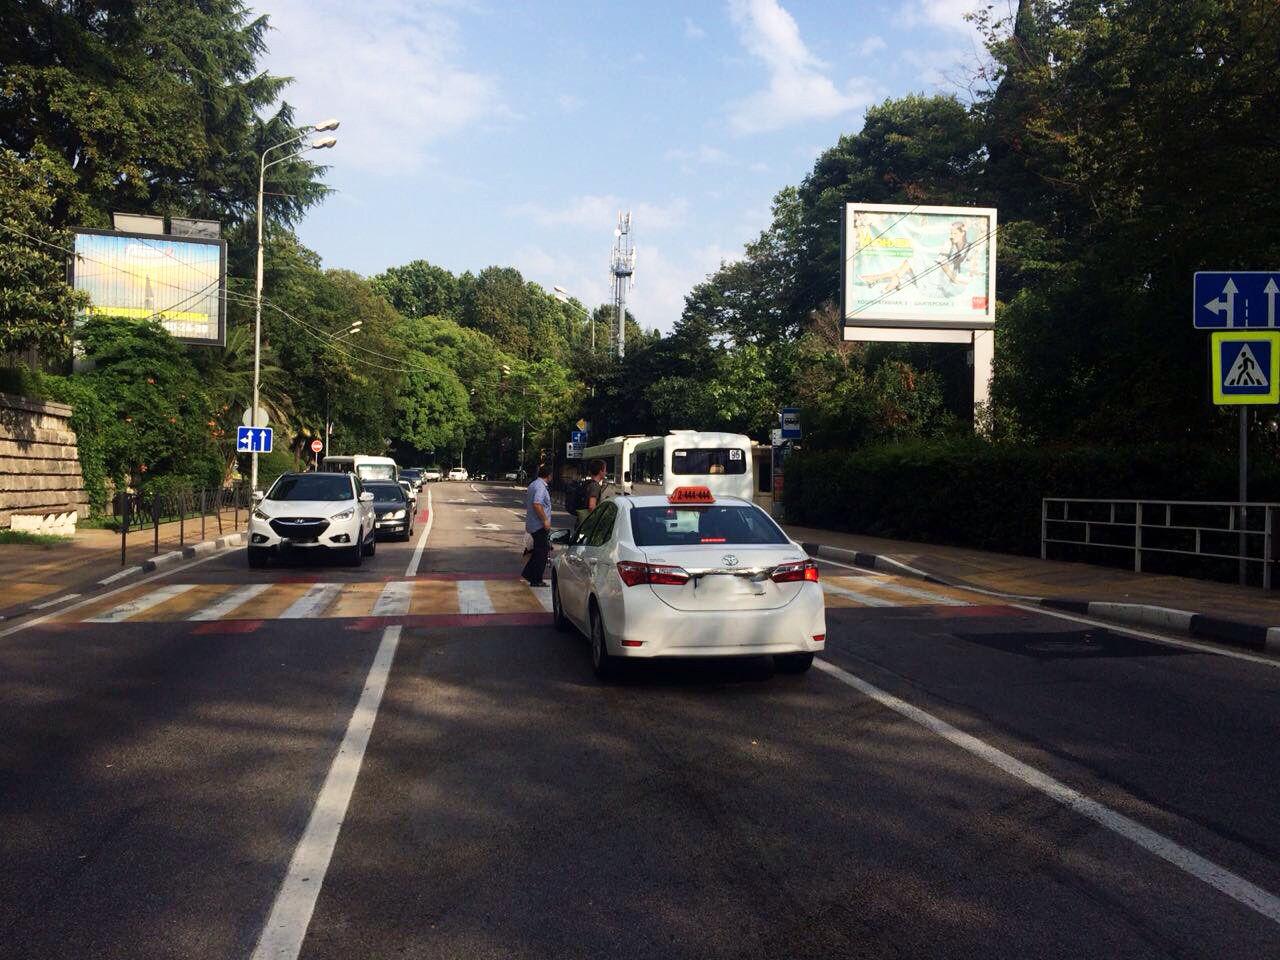 Картинки по запросу В Сочи водитель мопеда сбил ребенка и скрылся с места ДТП